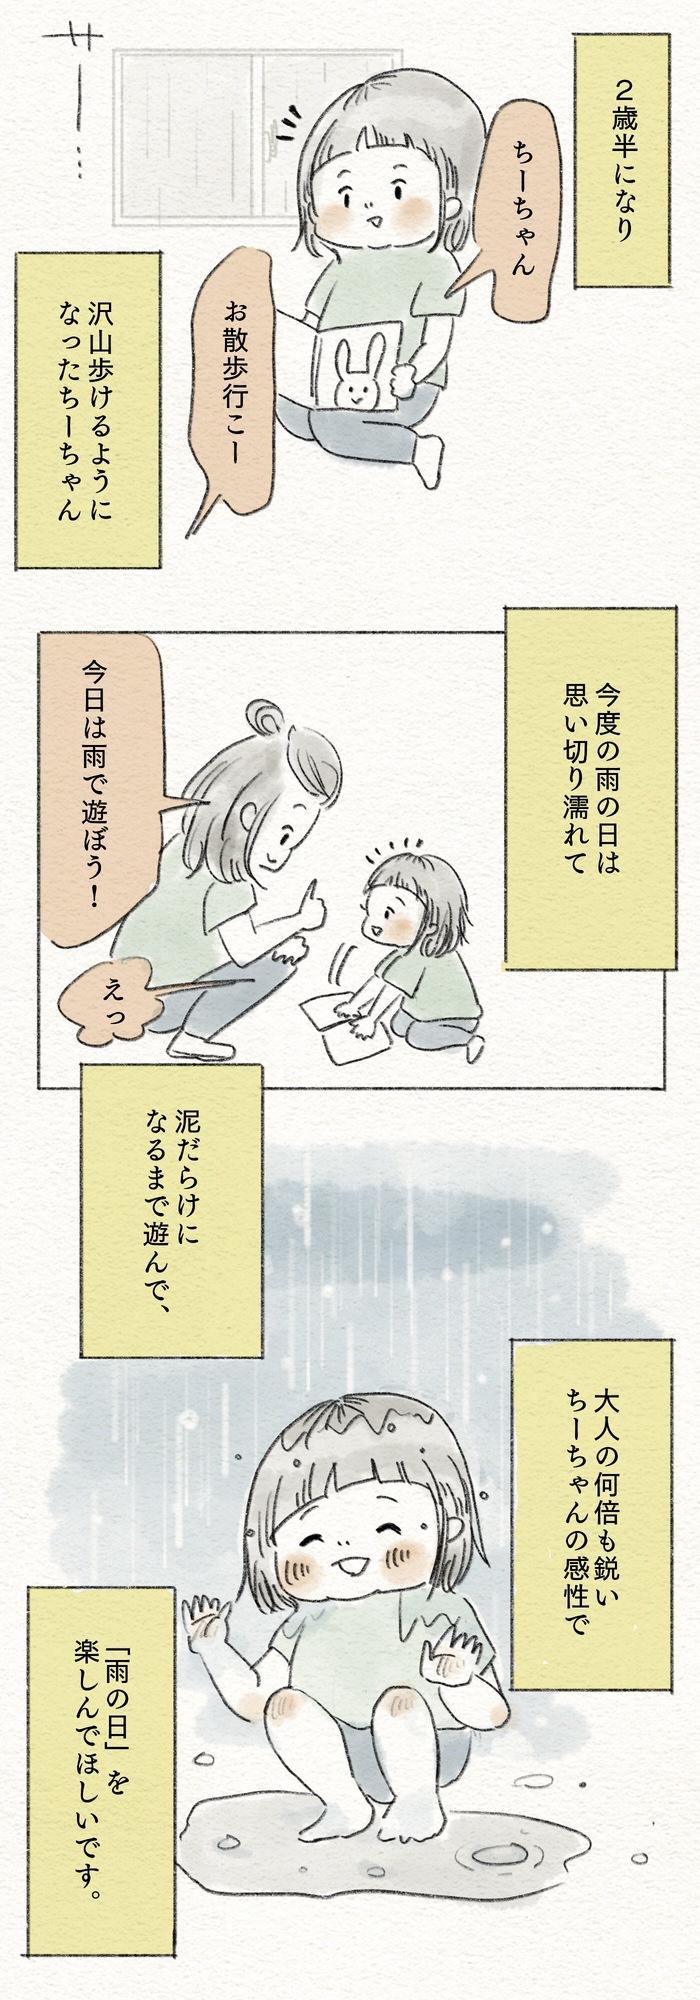 子供にとって「雨の日」は特別。思いっきり濡れて、今だけの思い出を作ろう!の画像3